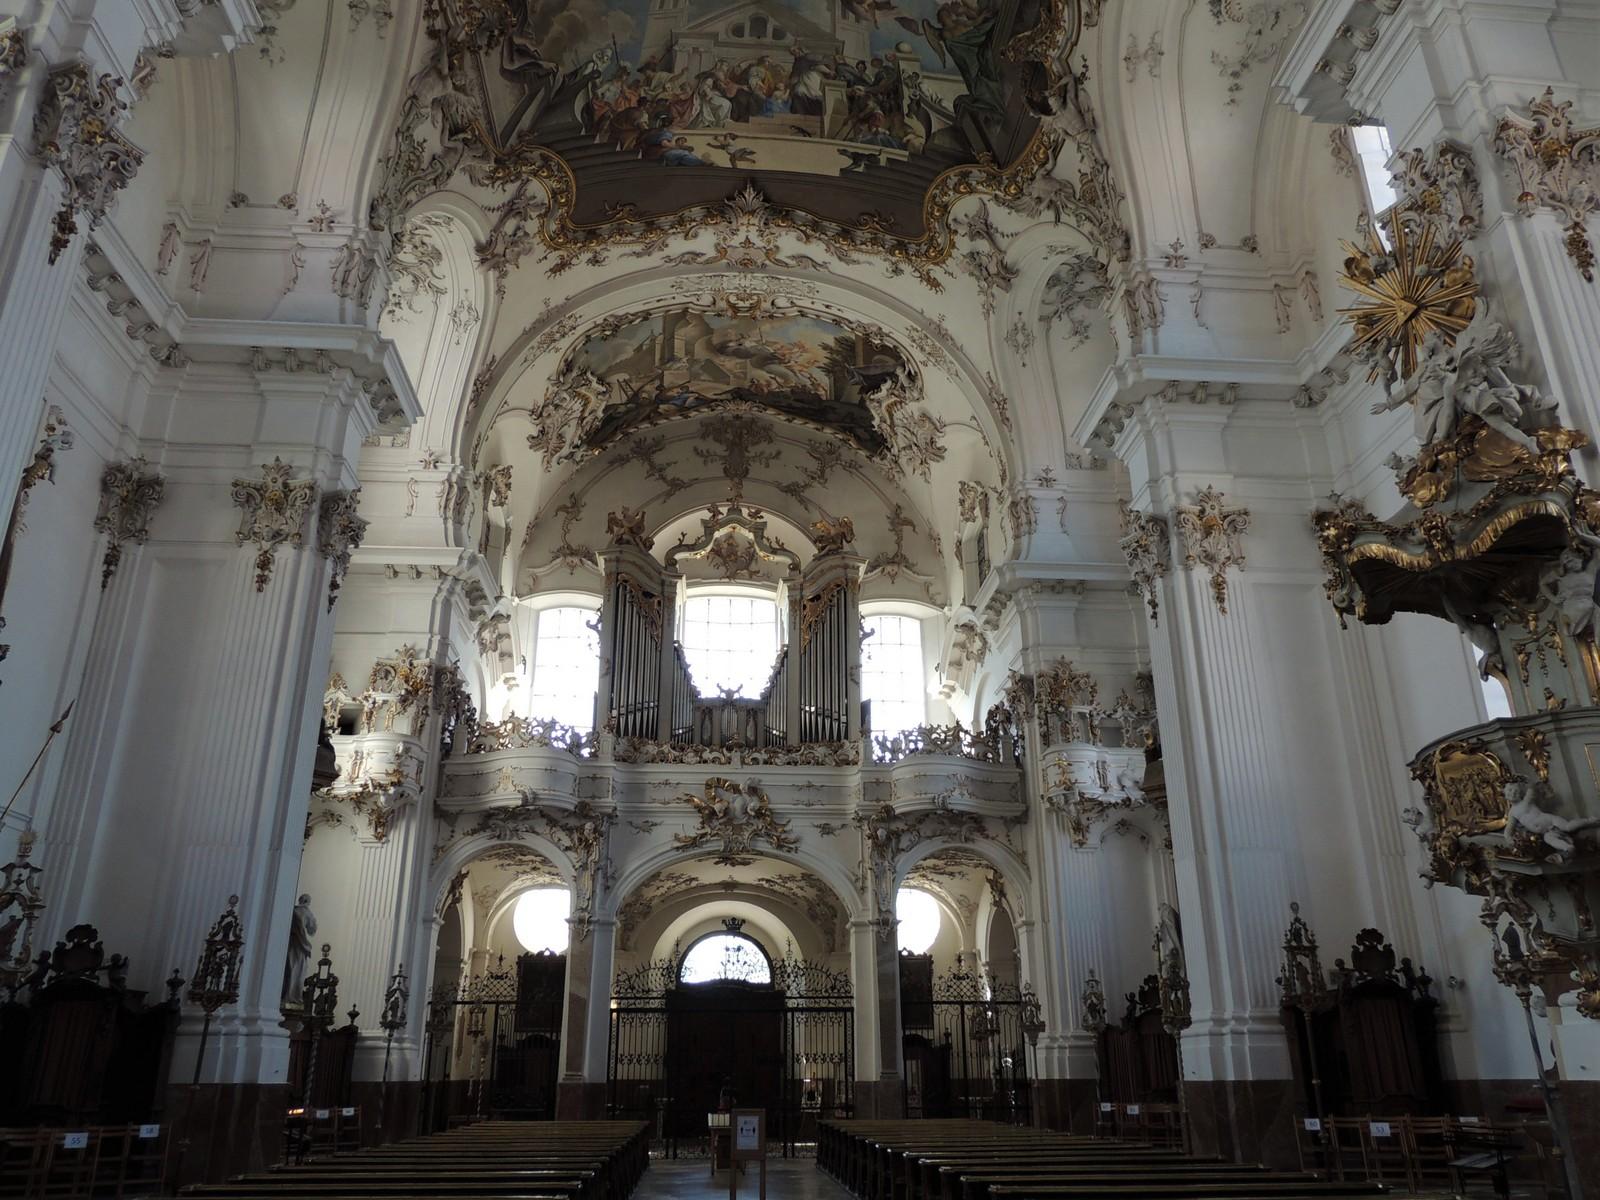 Caspar-König-Orgel in Dießen